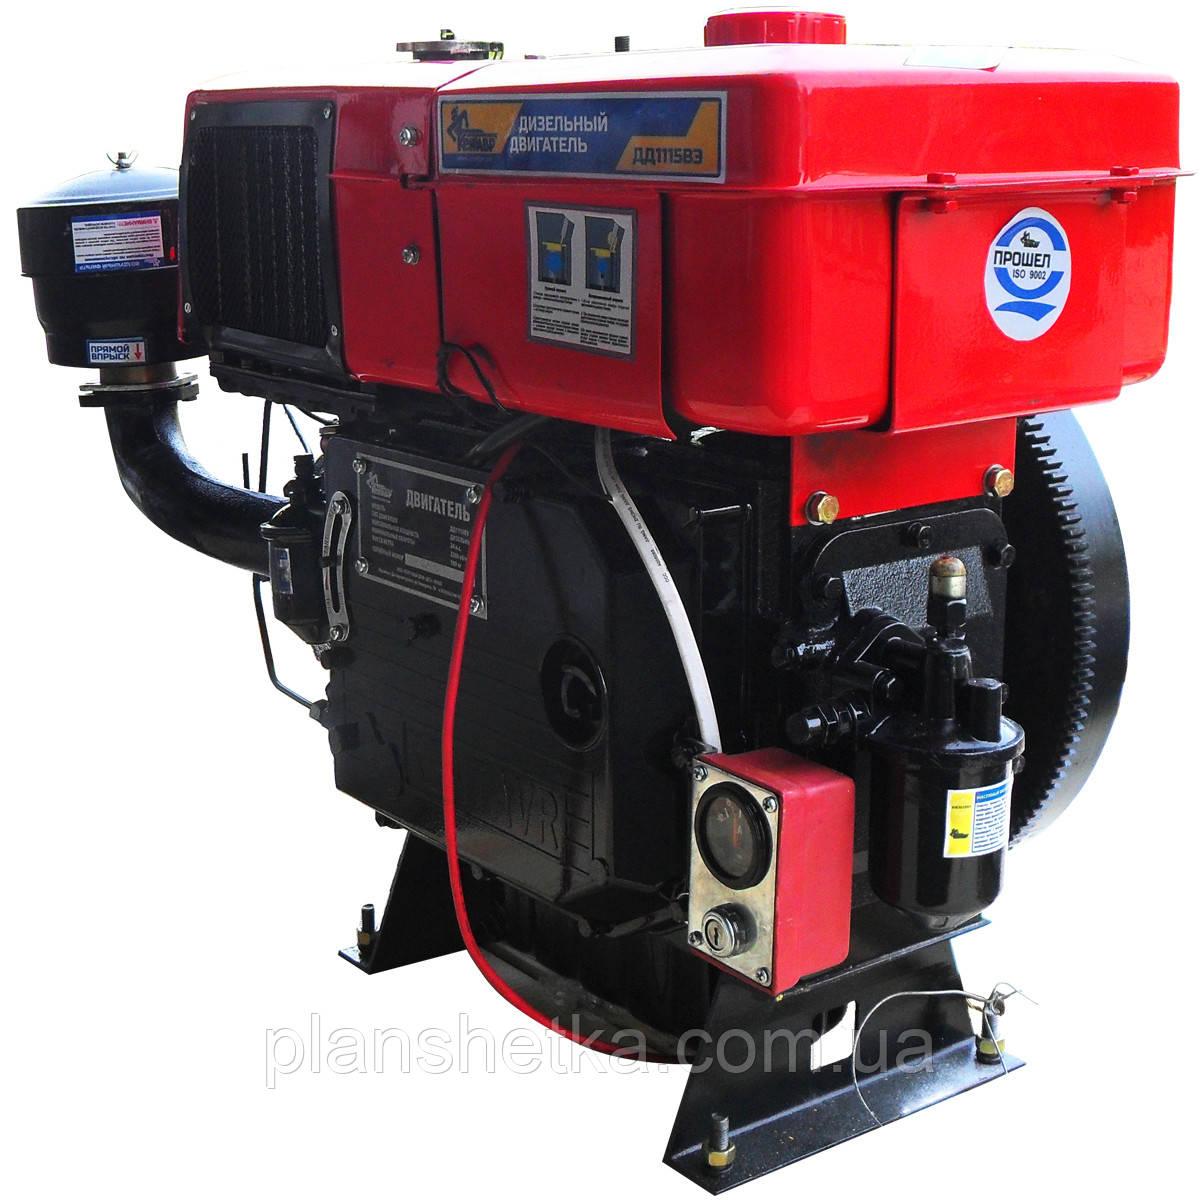 Двигатель дизельный Кентавр ДД1115ВЭ (24 л.с., дизель, электростартер)